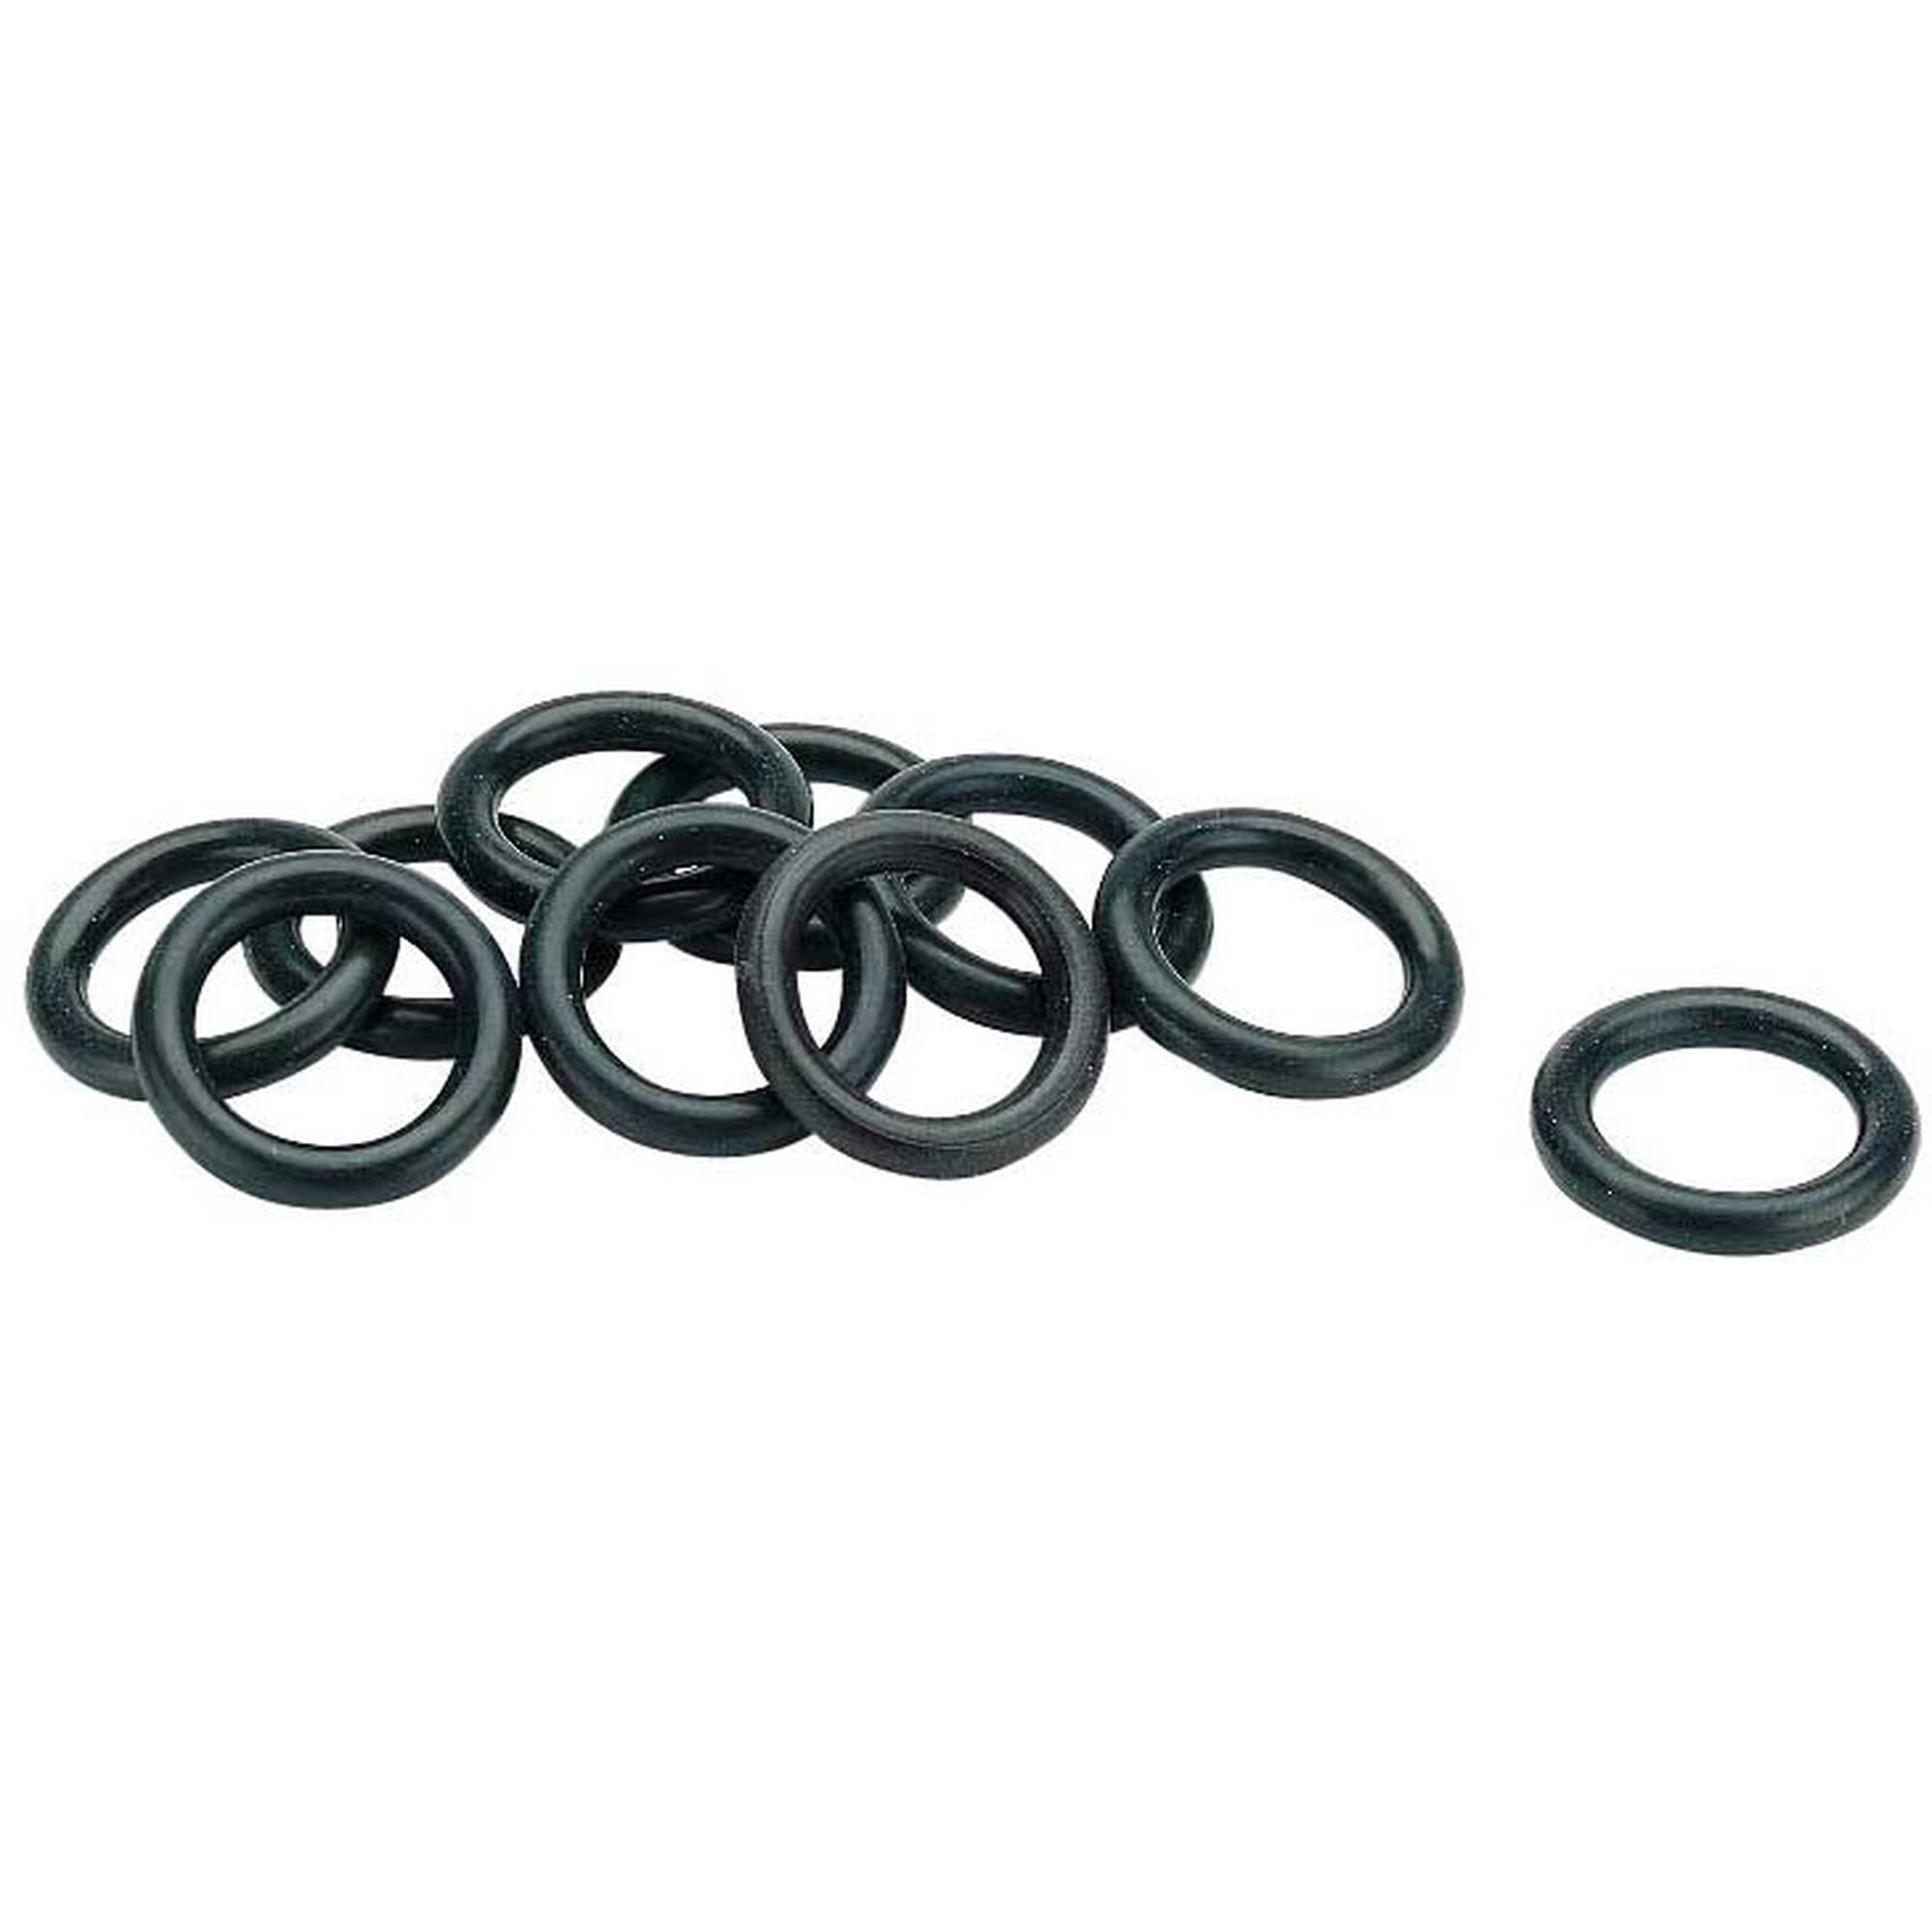 Nelson 50381 Premium O-Ring Style Hose Washers - Walmart.com